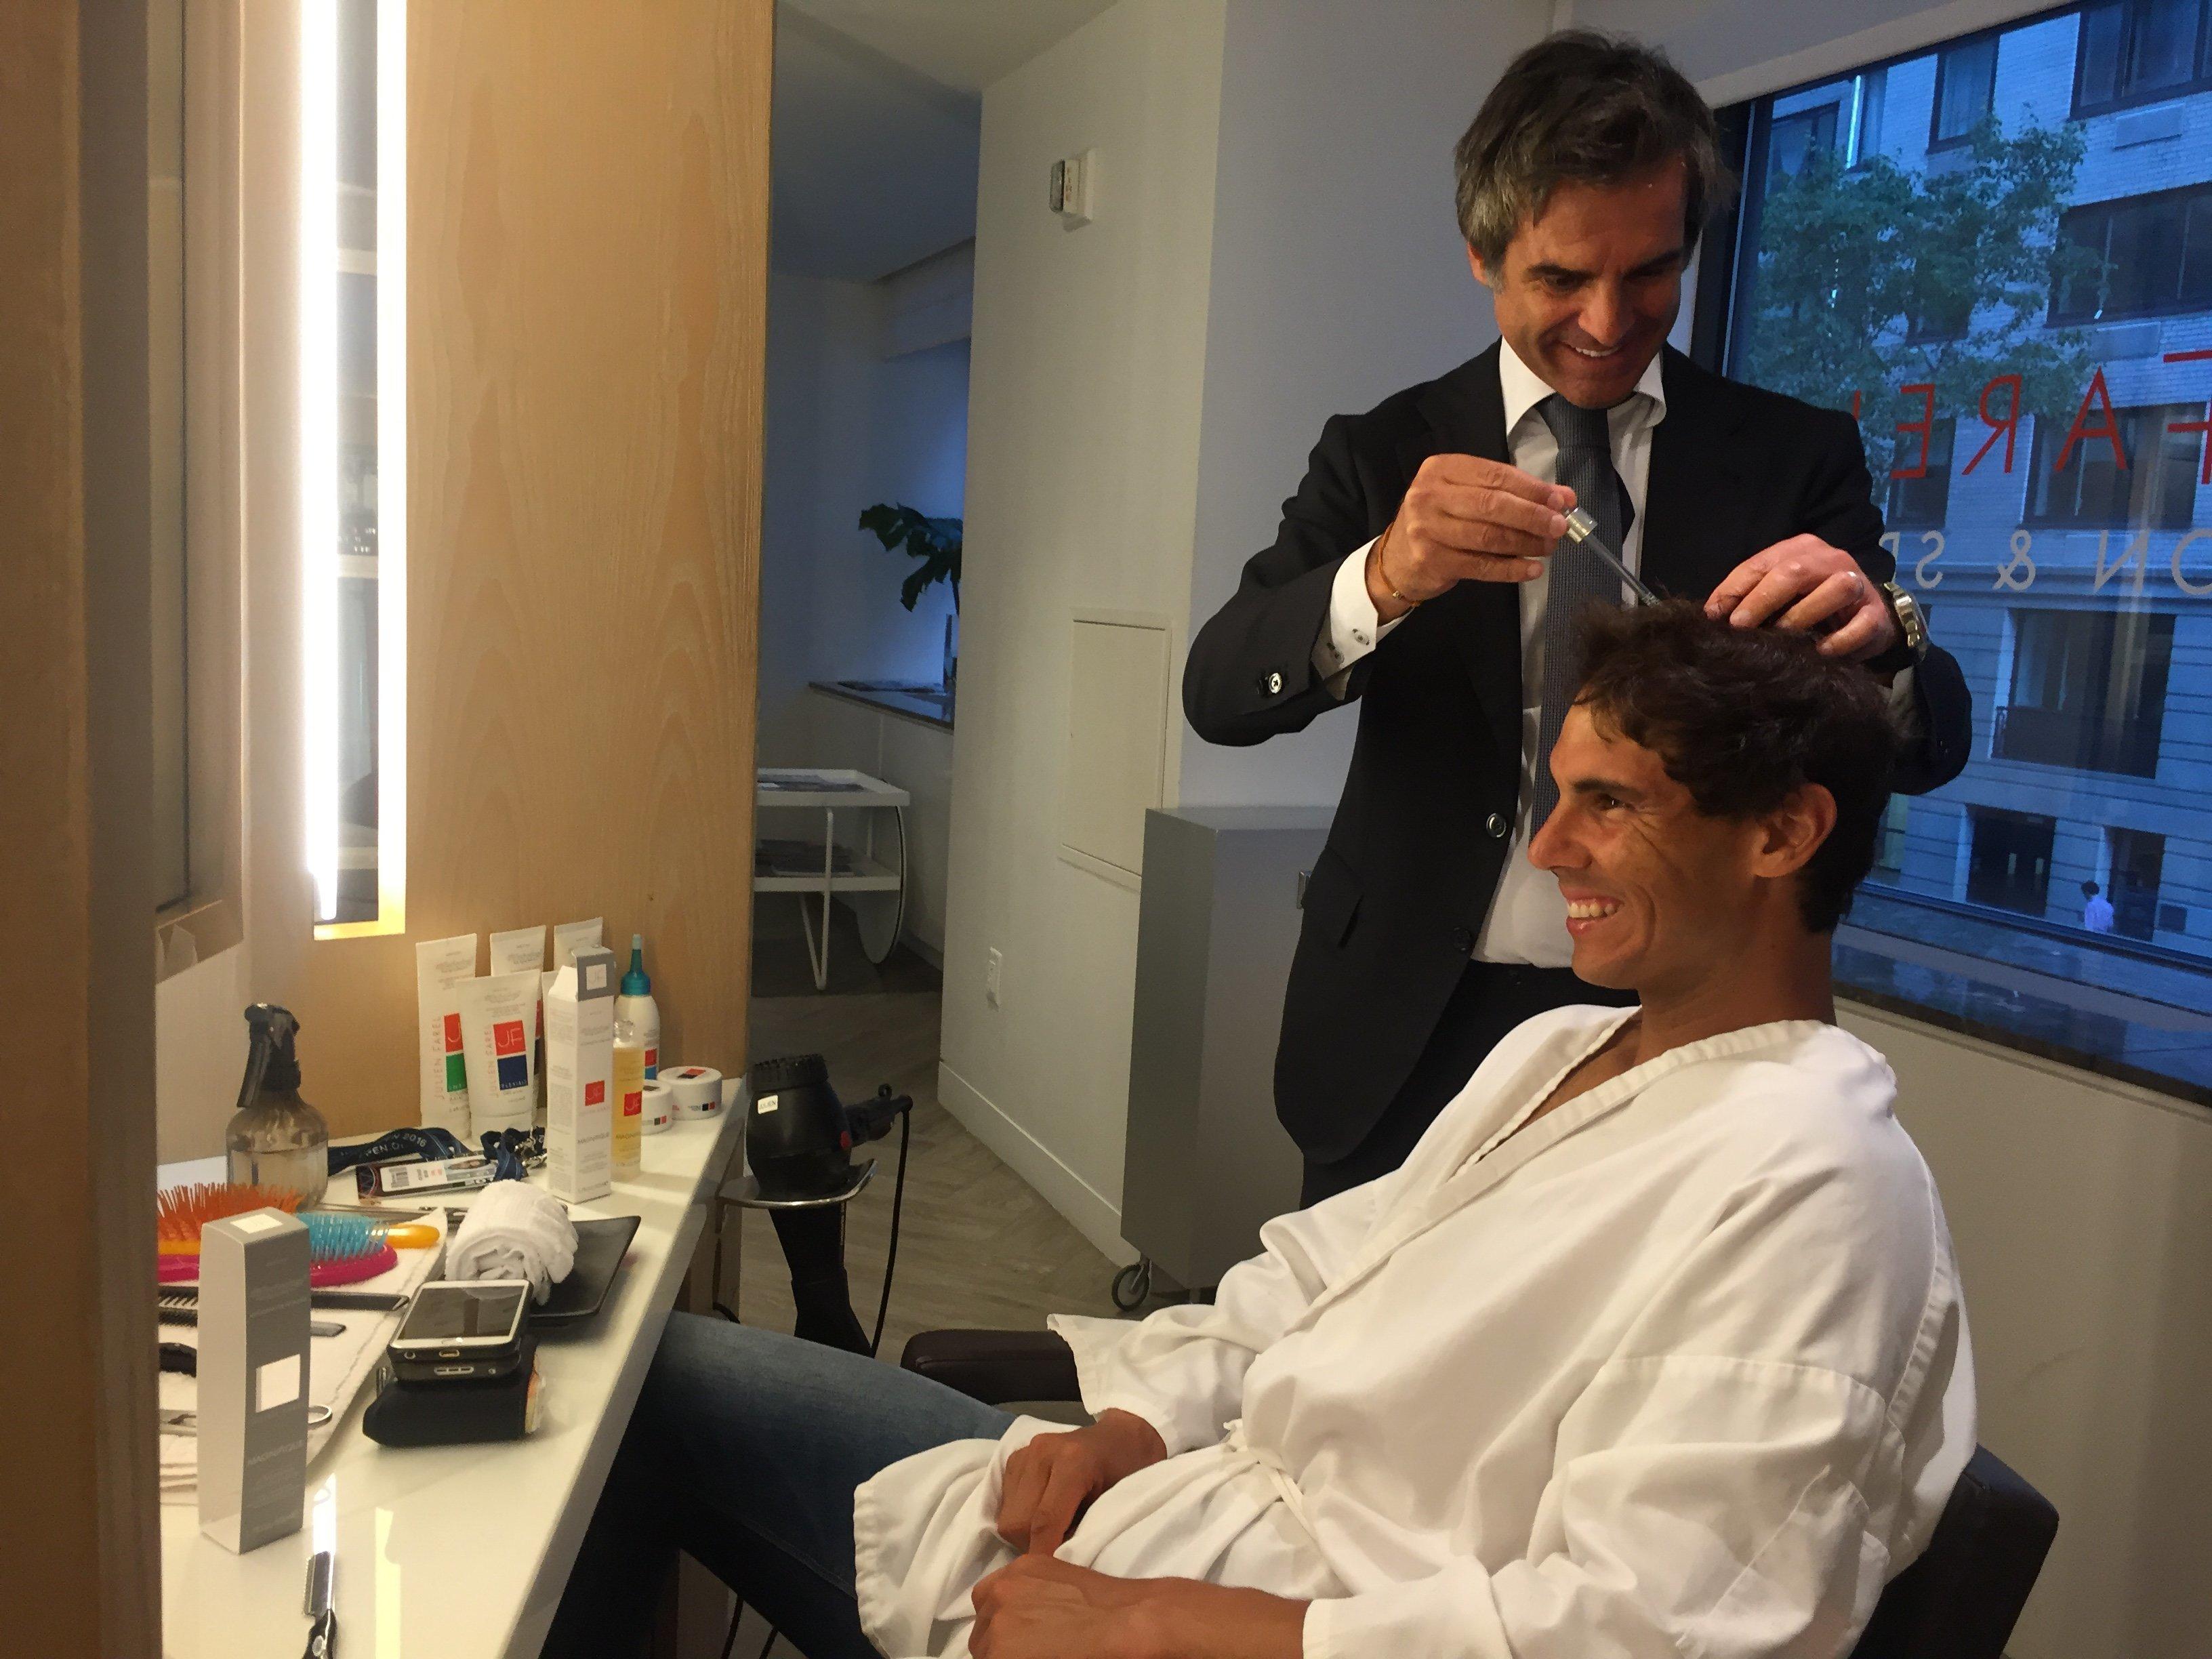 Julien Farel trimming Rafael Nadal's hair.